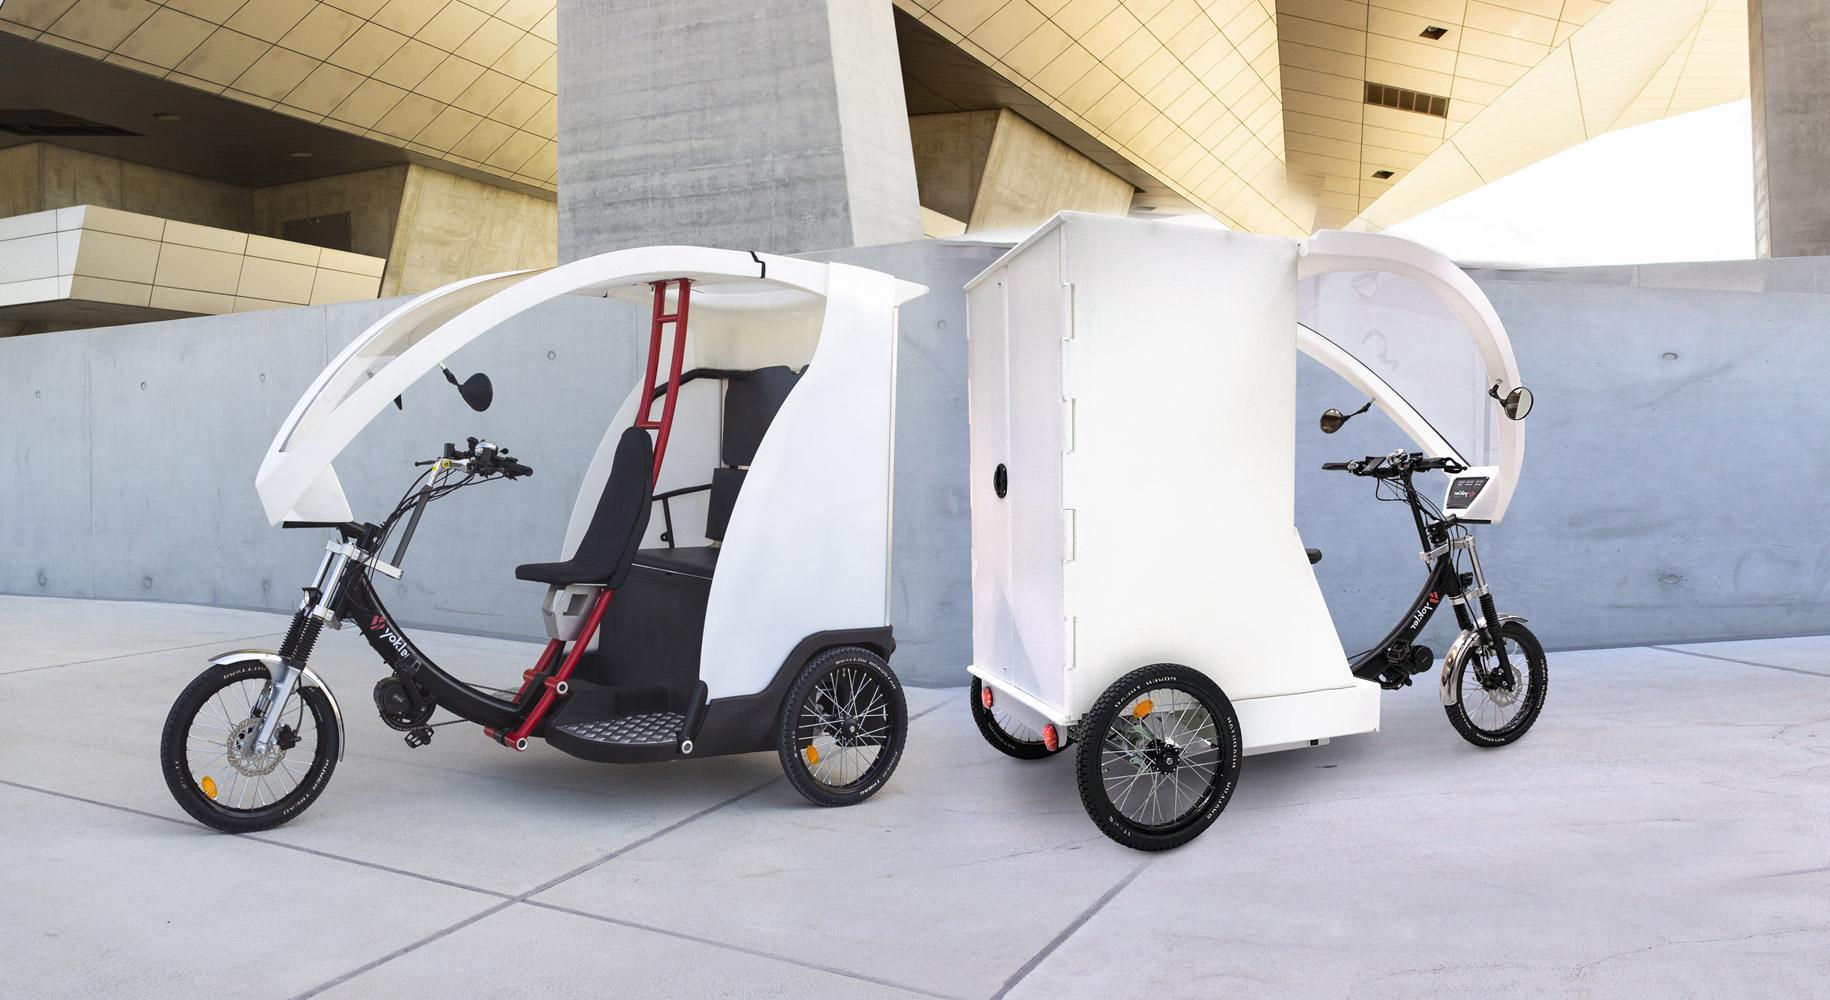 Vélotaxi - Cargobike